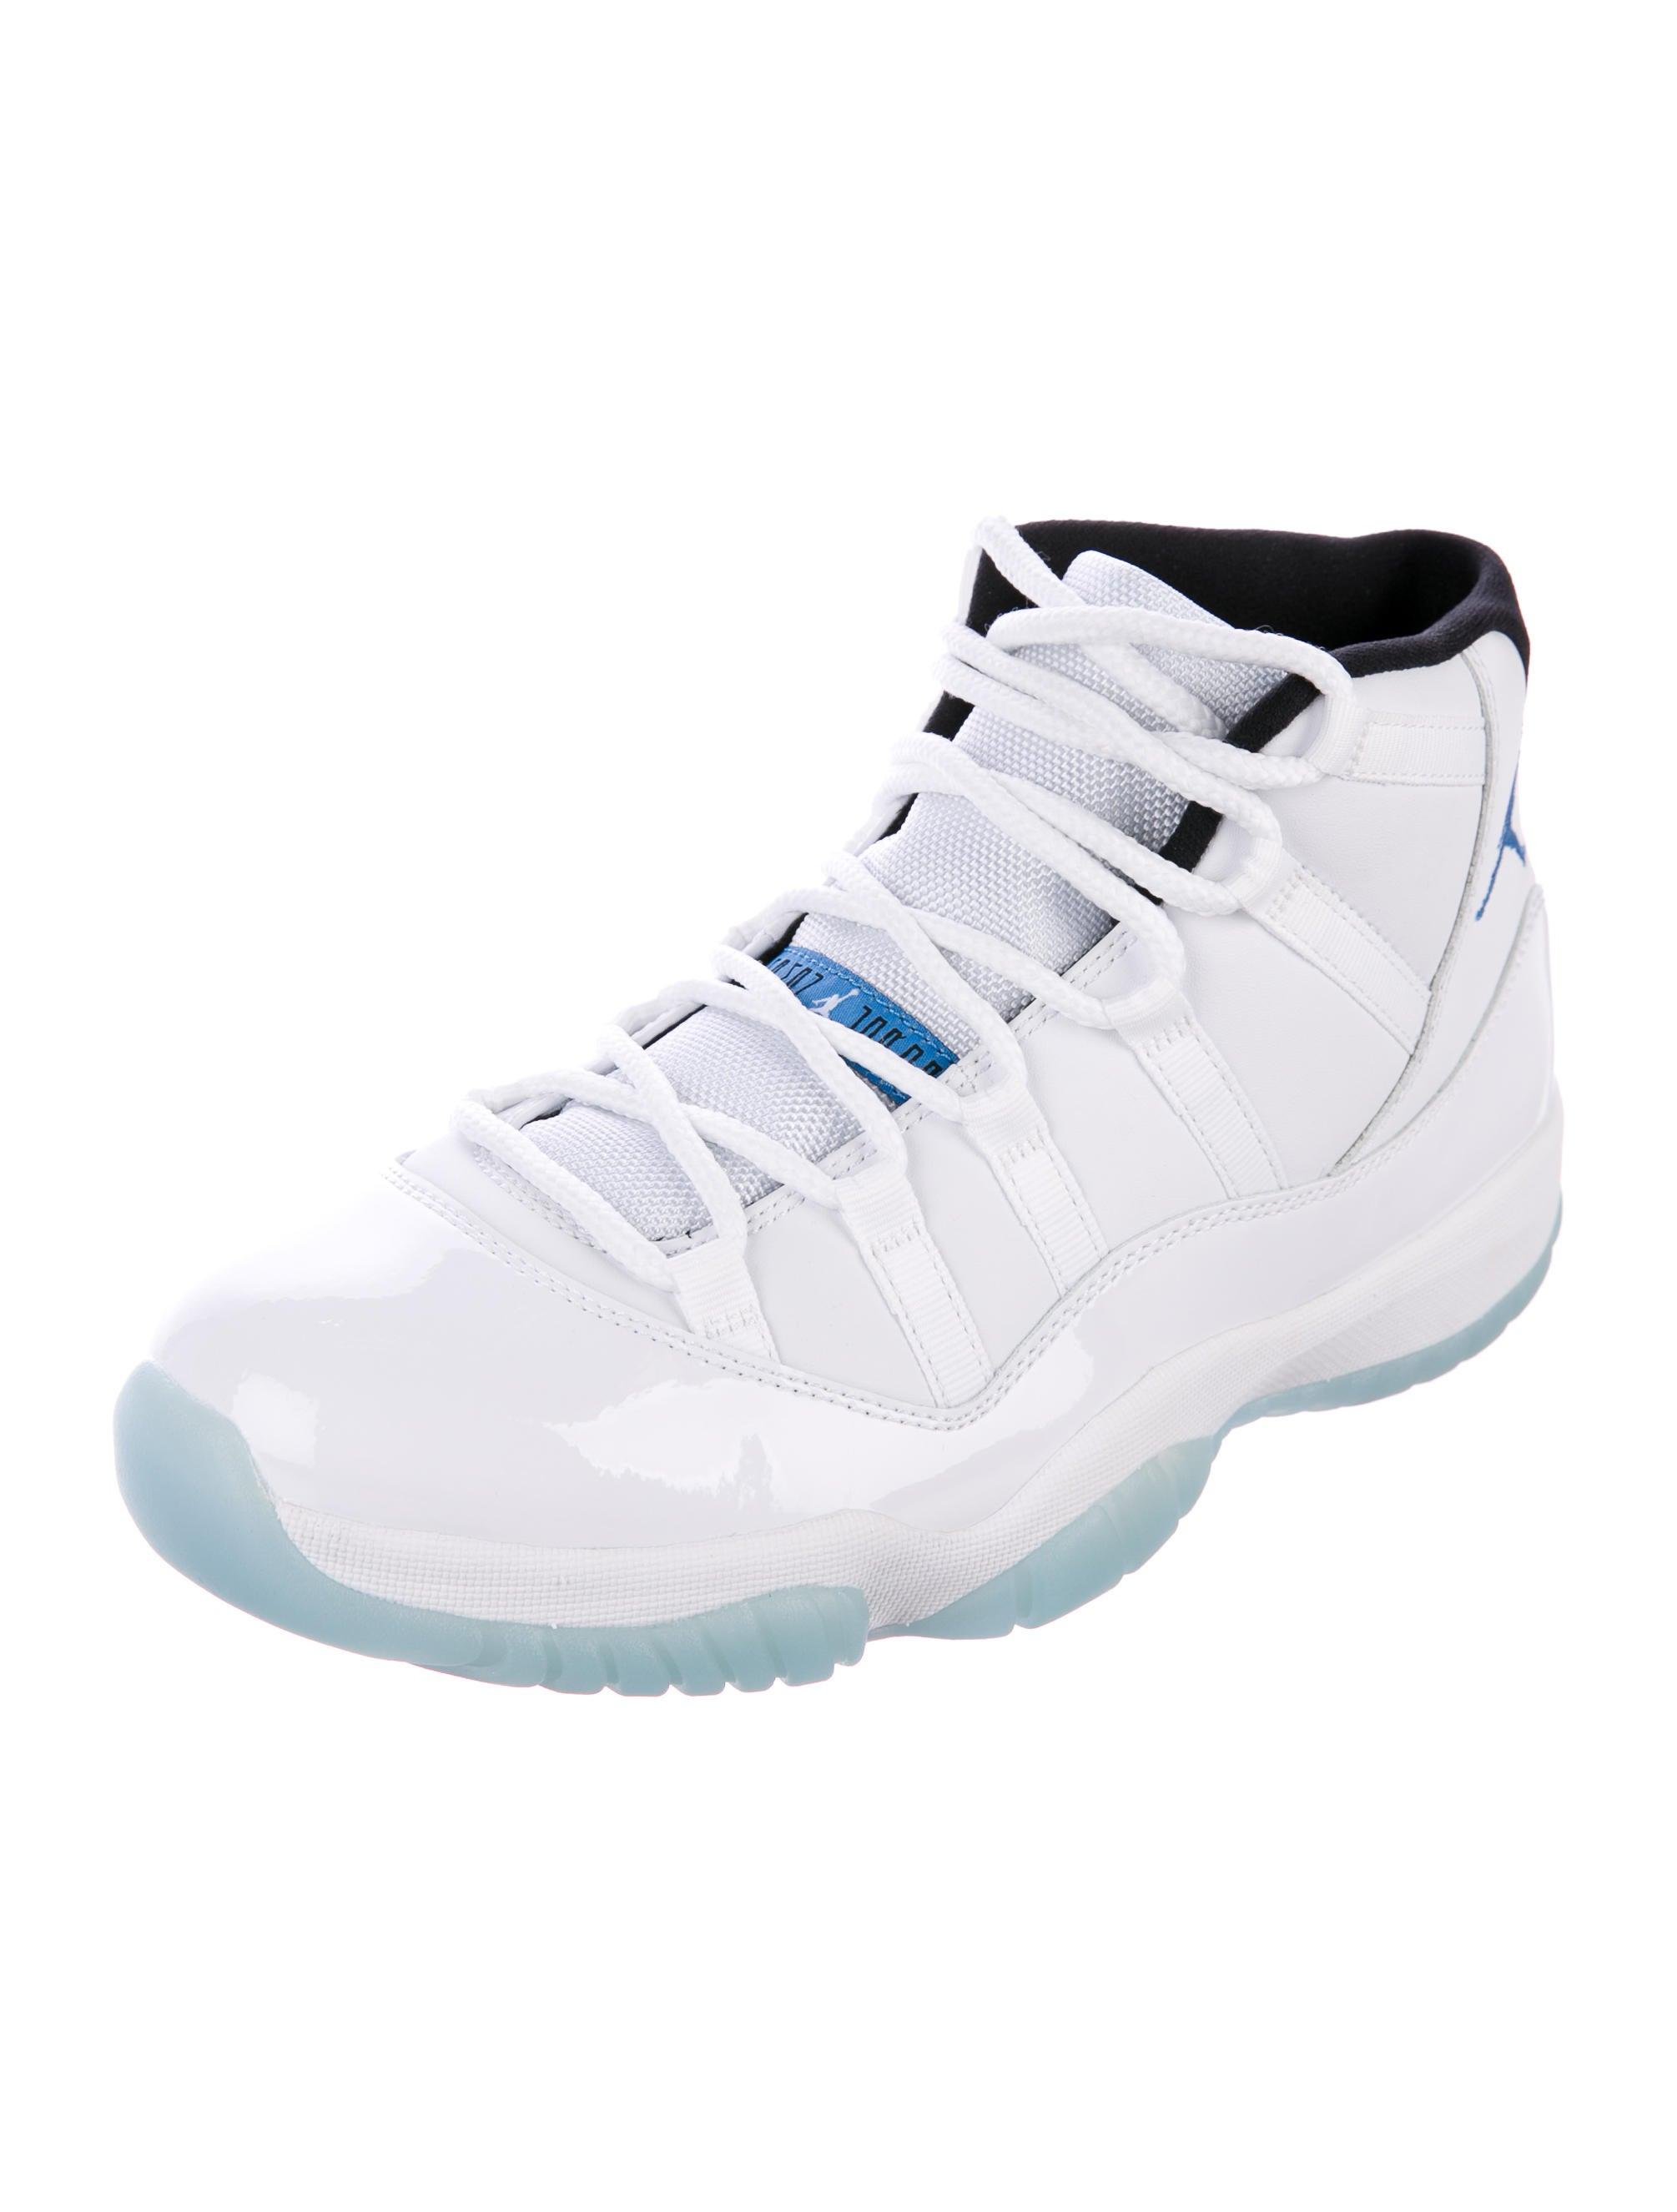 Nike Air Jordan 11 Légende Rétro Bleu Lettres Uk